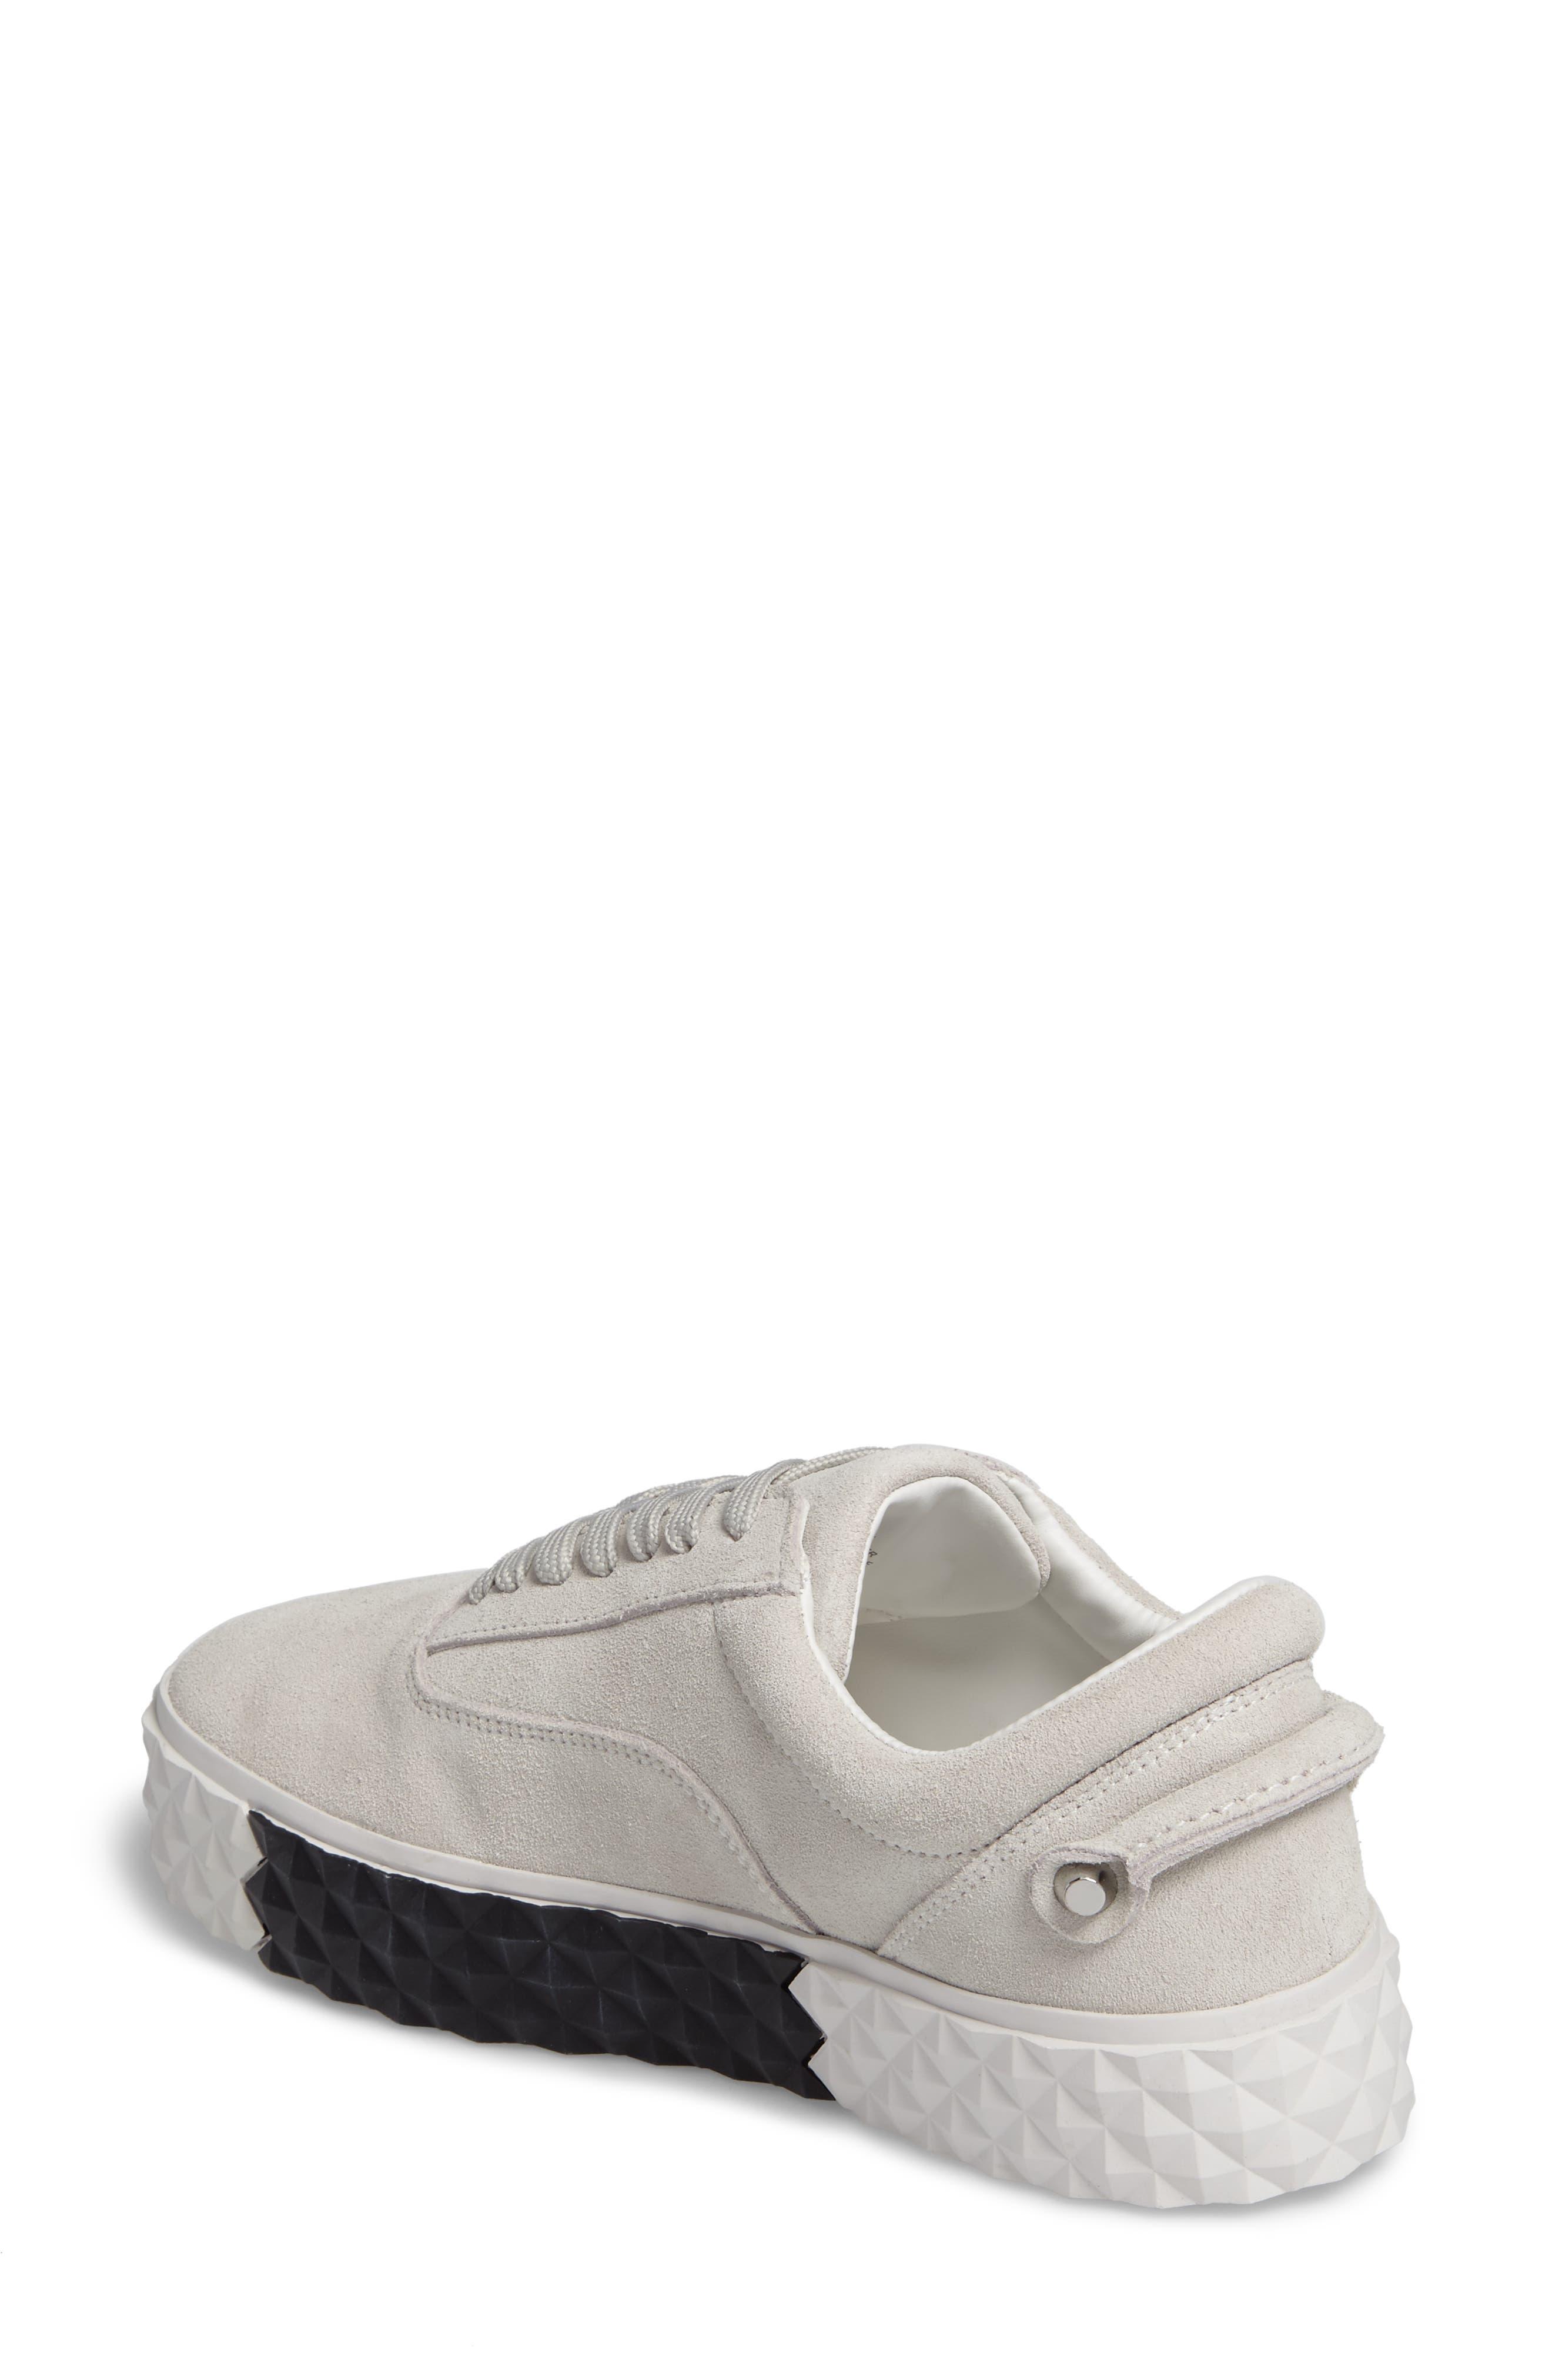 Reign Platform Sneaker,                             Alternate thumbnail 2, color,                             White